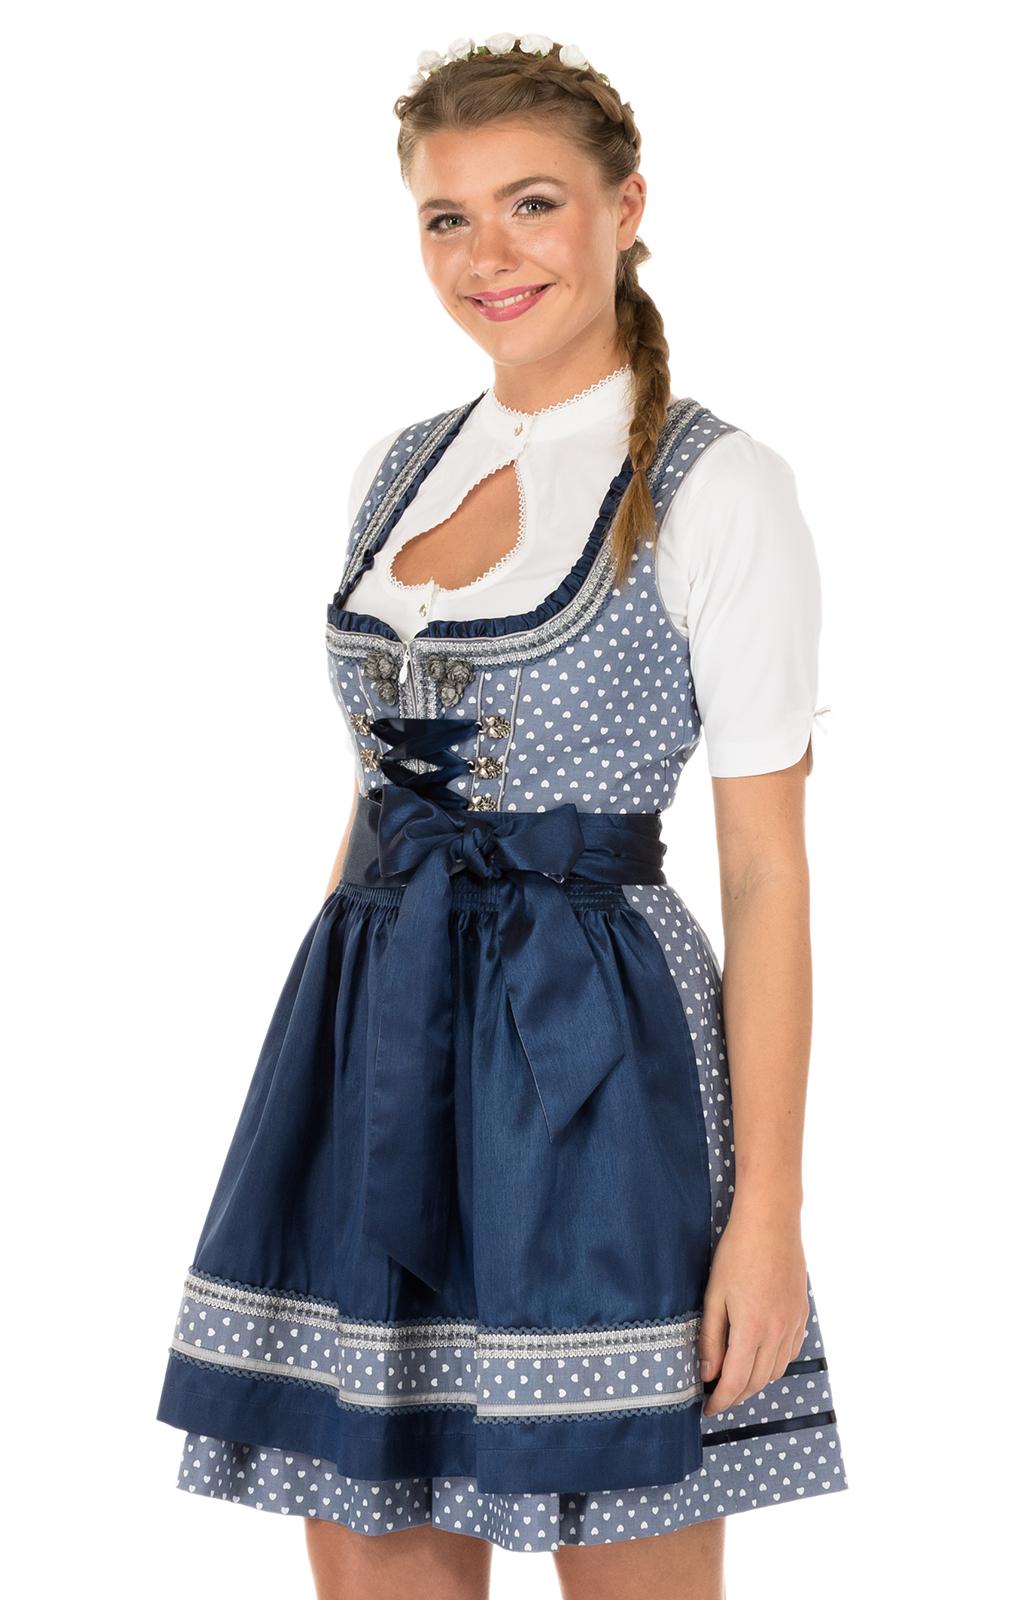 Krüger Minidirndl SWEET HEART 50cm blau von Krüger Dirndl